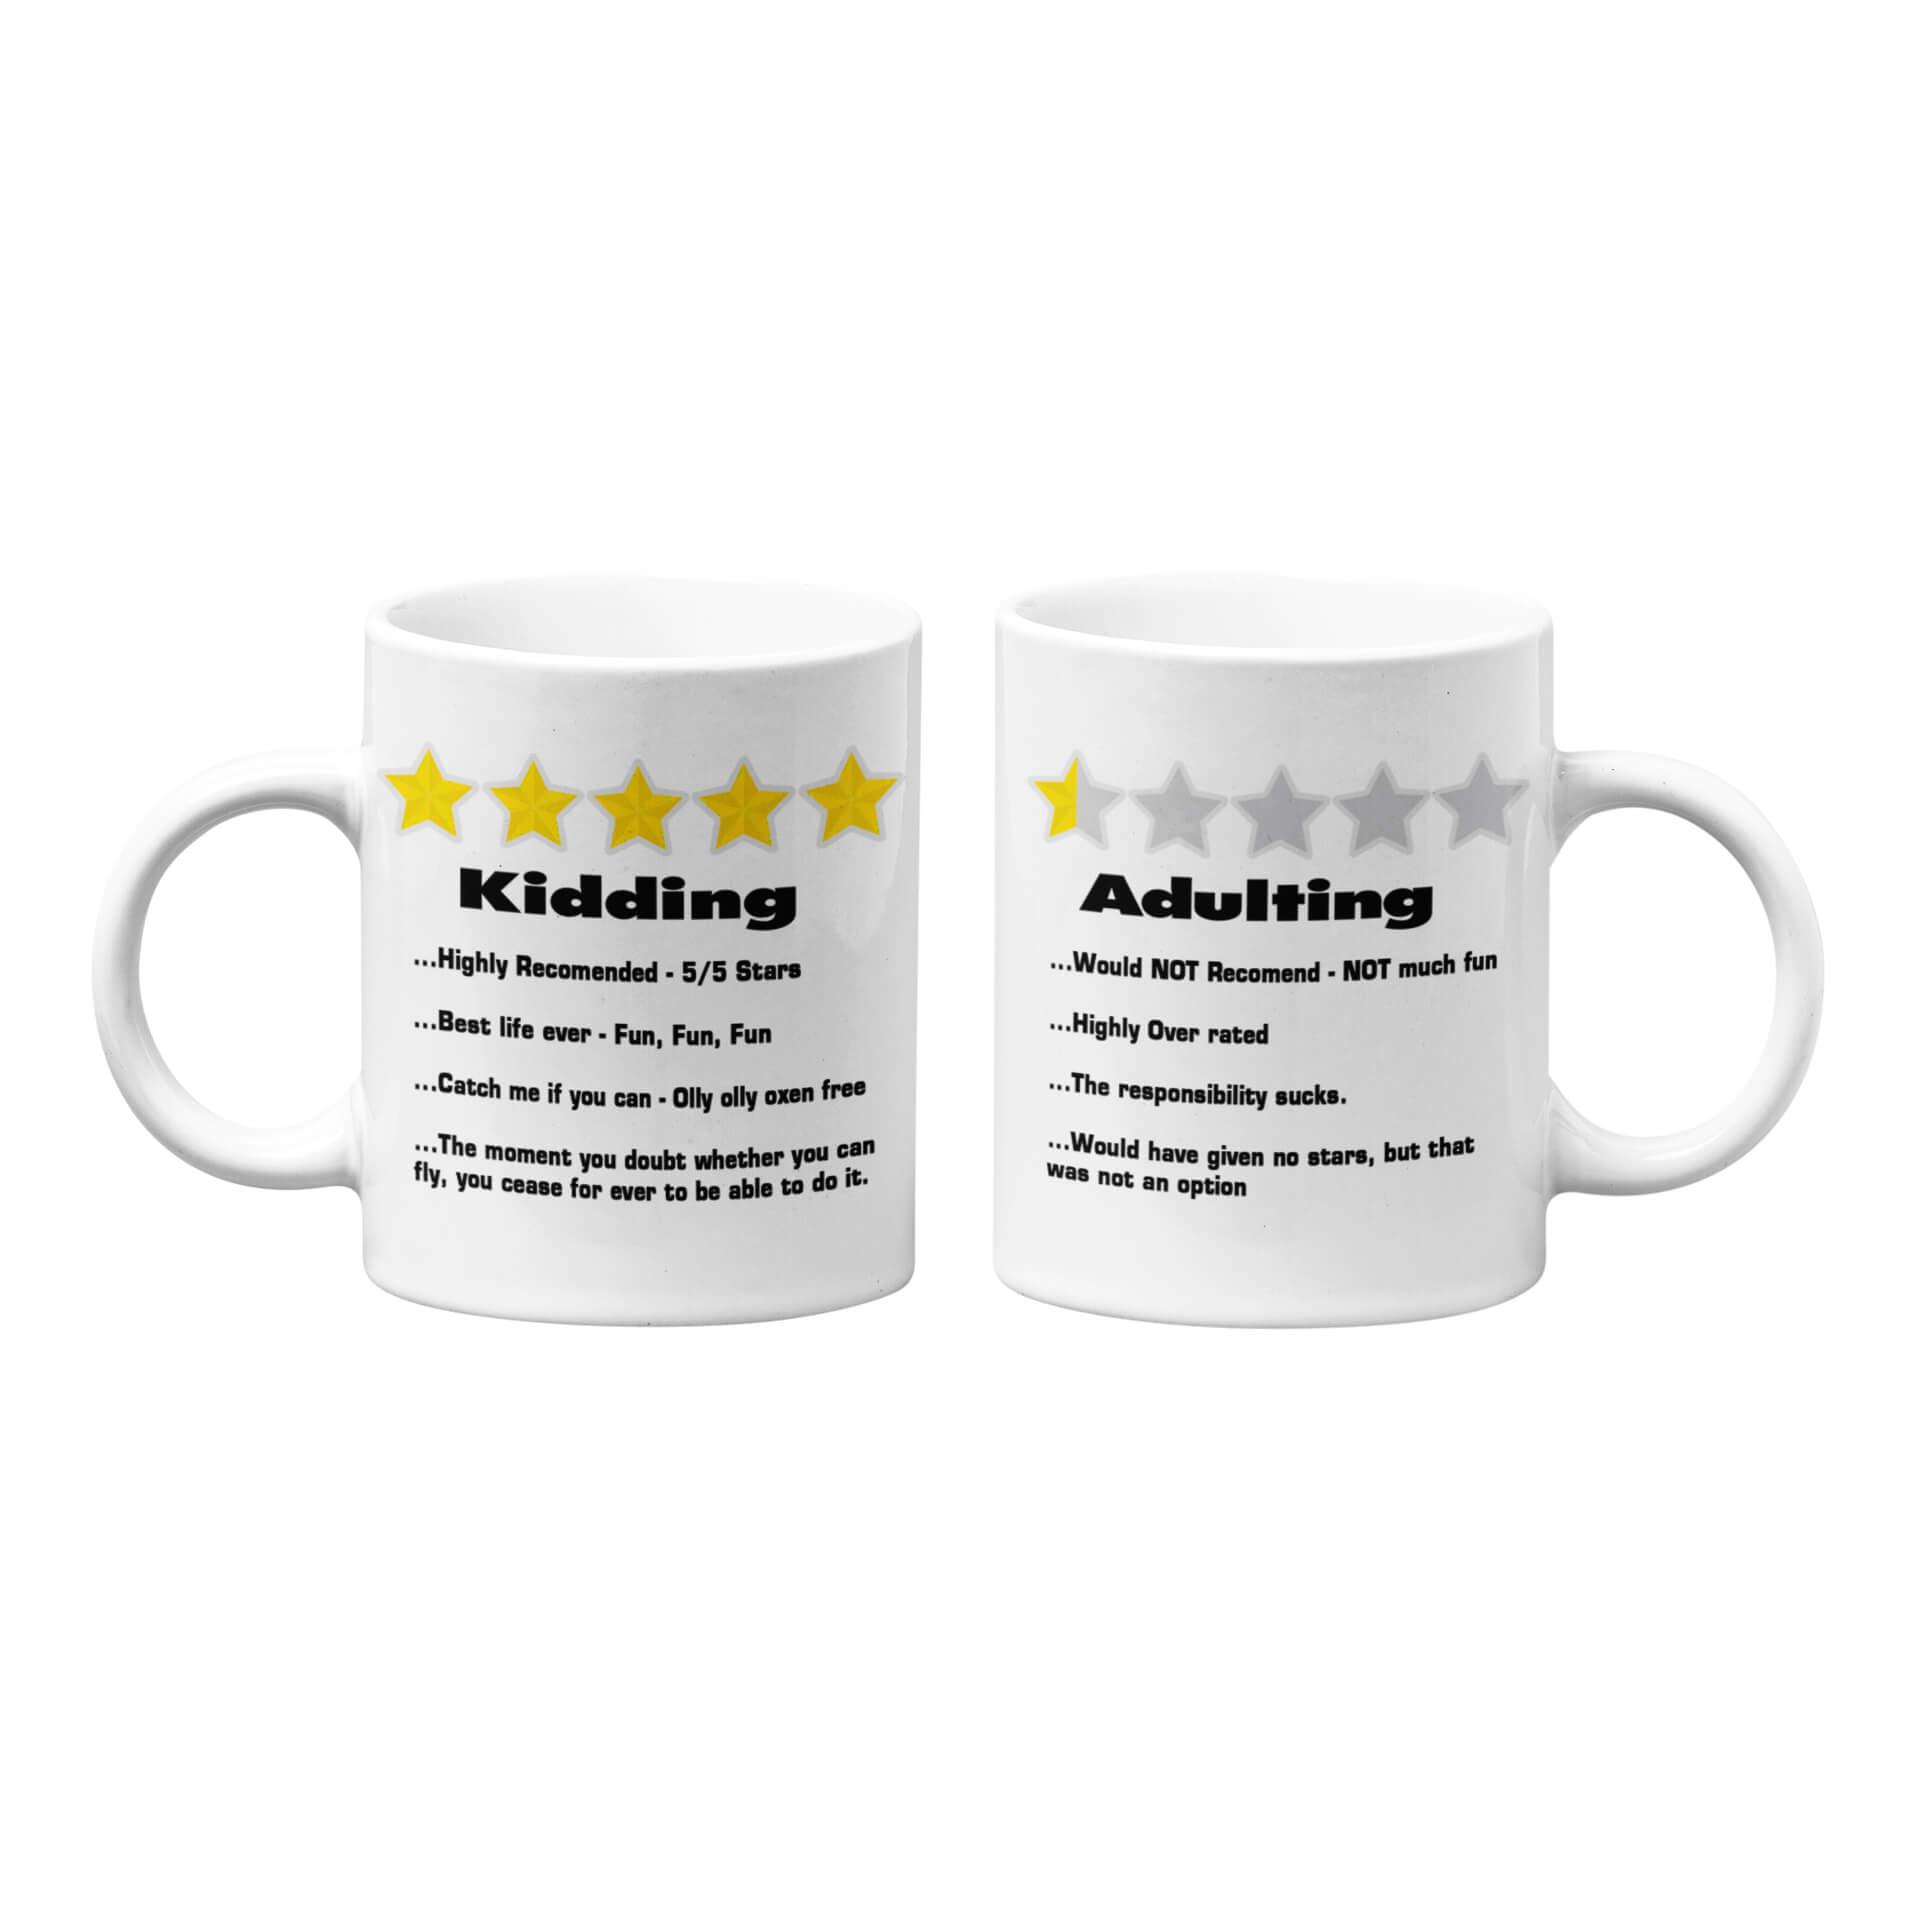 Adulting - Kidding Mug